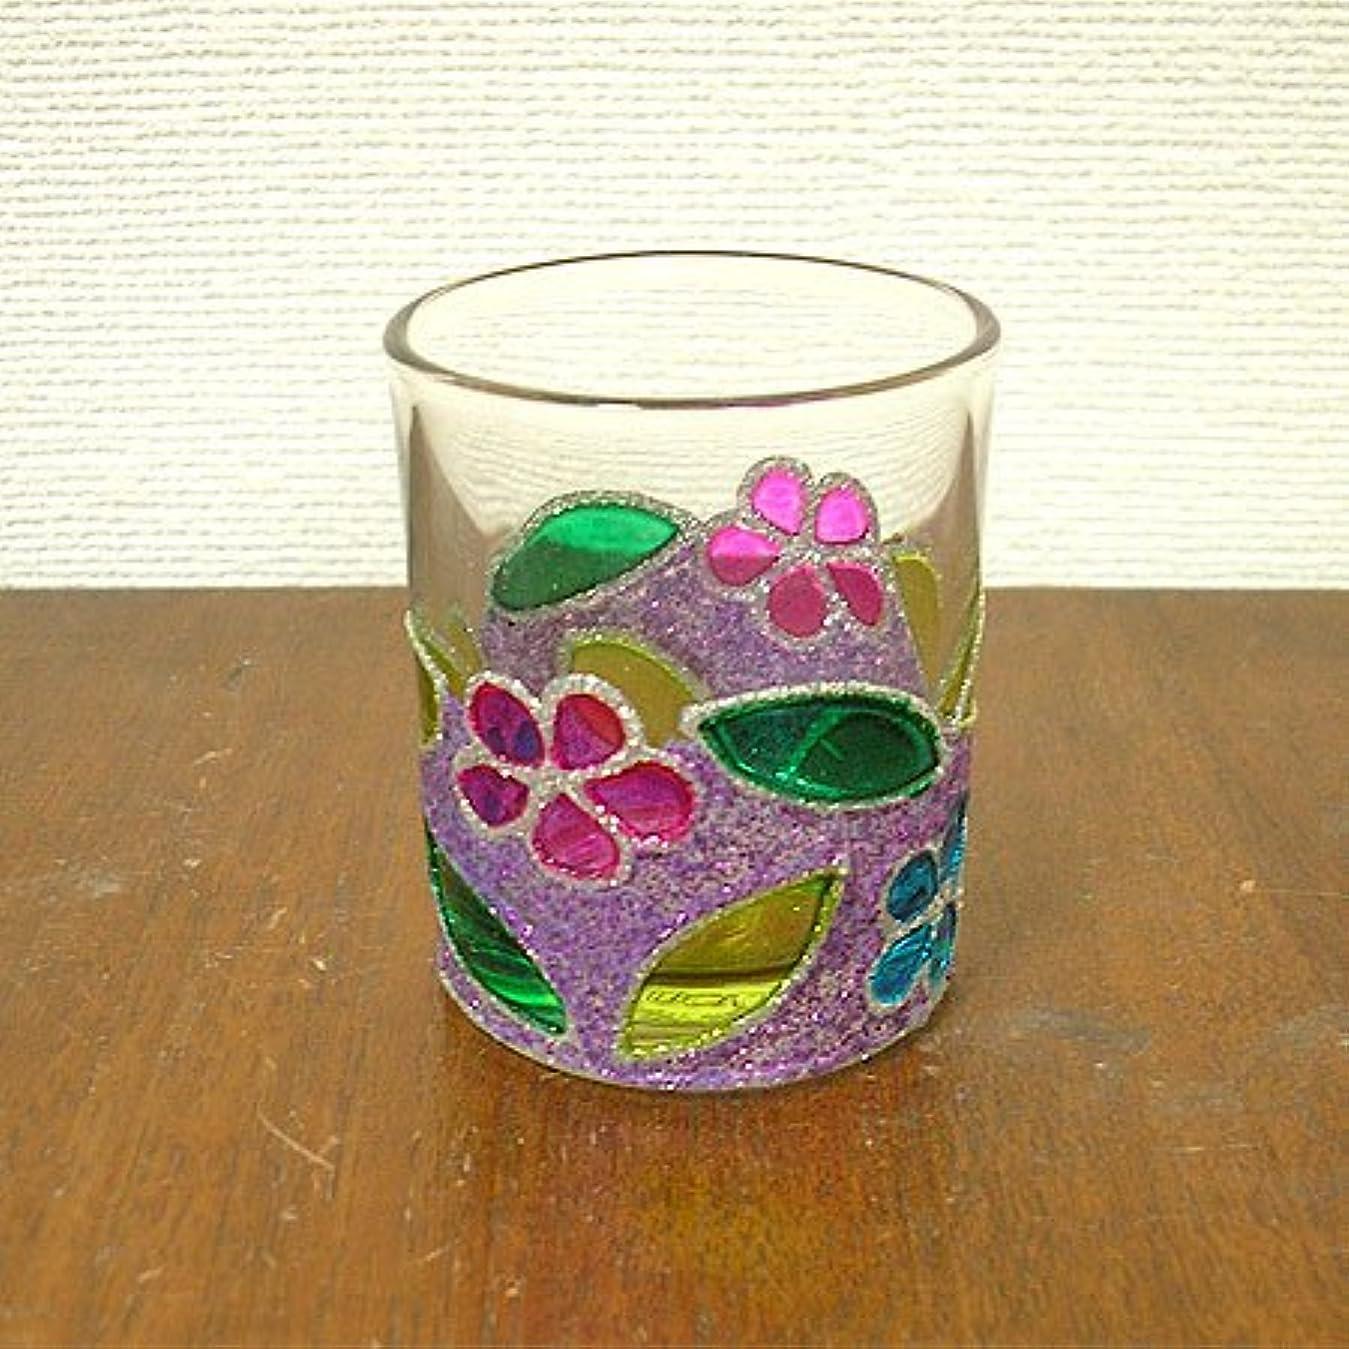 仕方一貫したデイジーアジアン キャンドルホルダー カップ グラス 花柄 パープル アジアン雑貨